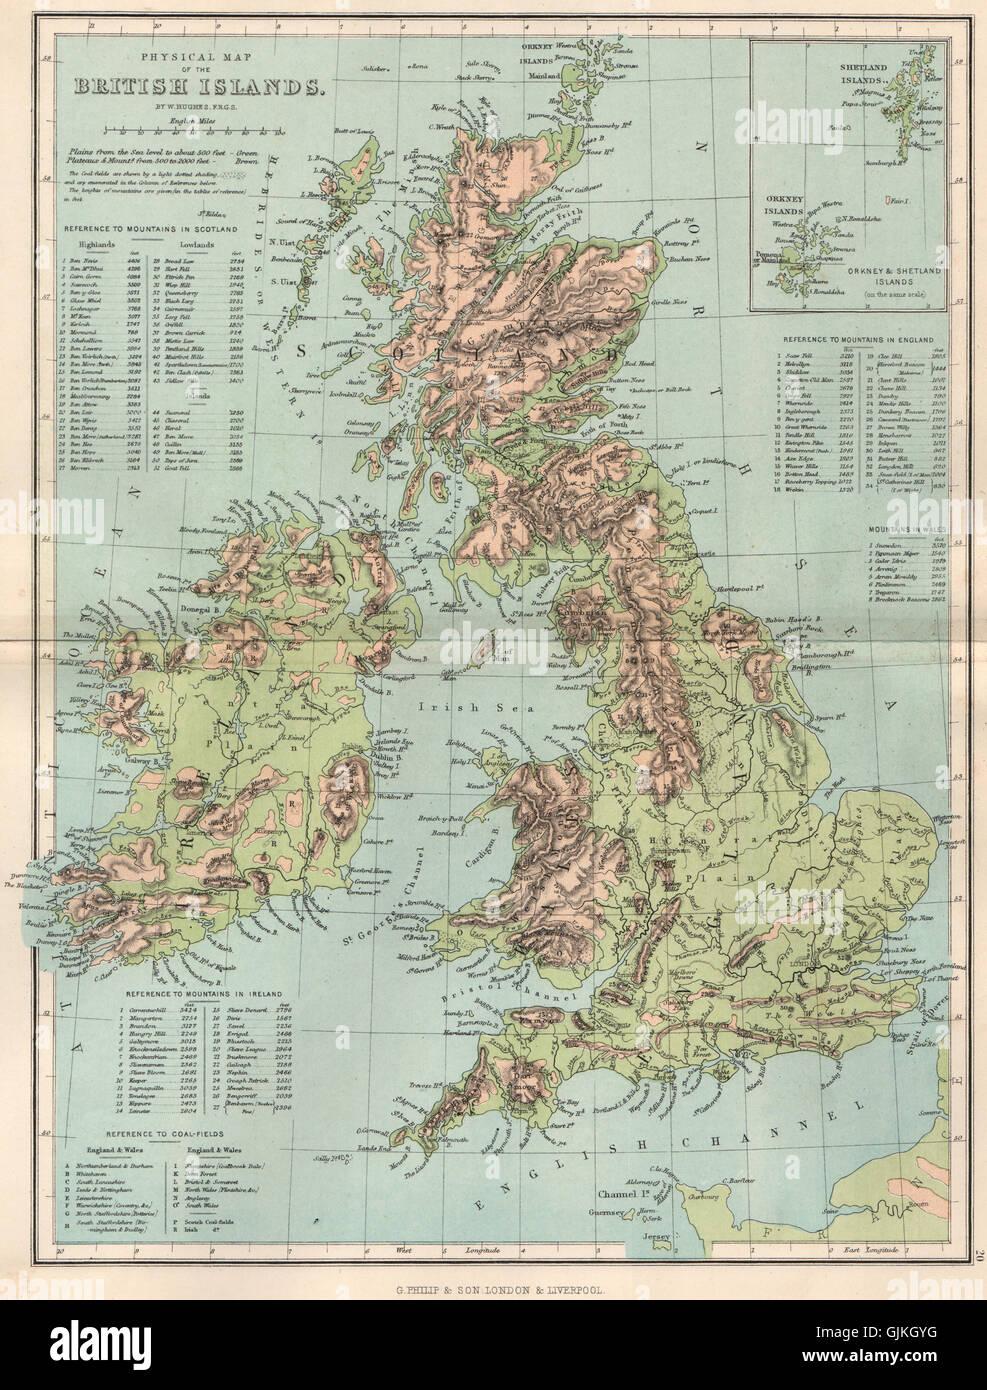 Cartina Fisica Del Regno Unito.Regno Unito Cartina Fisica Isole Britanniche Inset Di Orkney E Shetland Islands 1886 Foto Stock Alamy